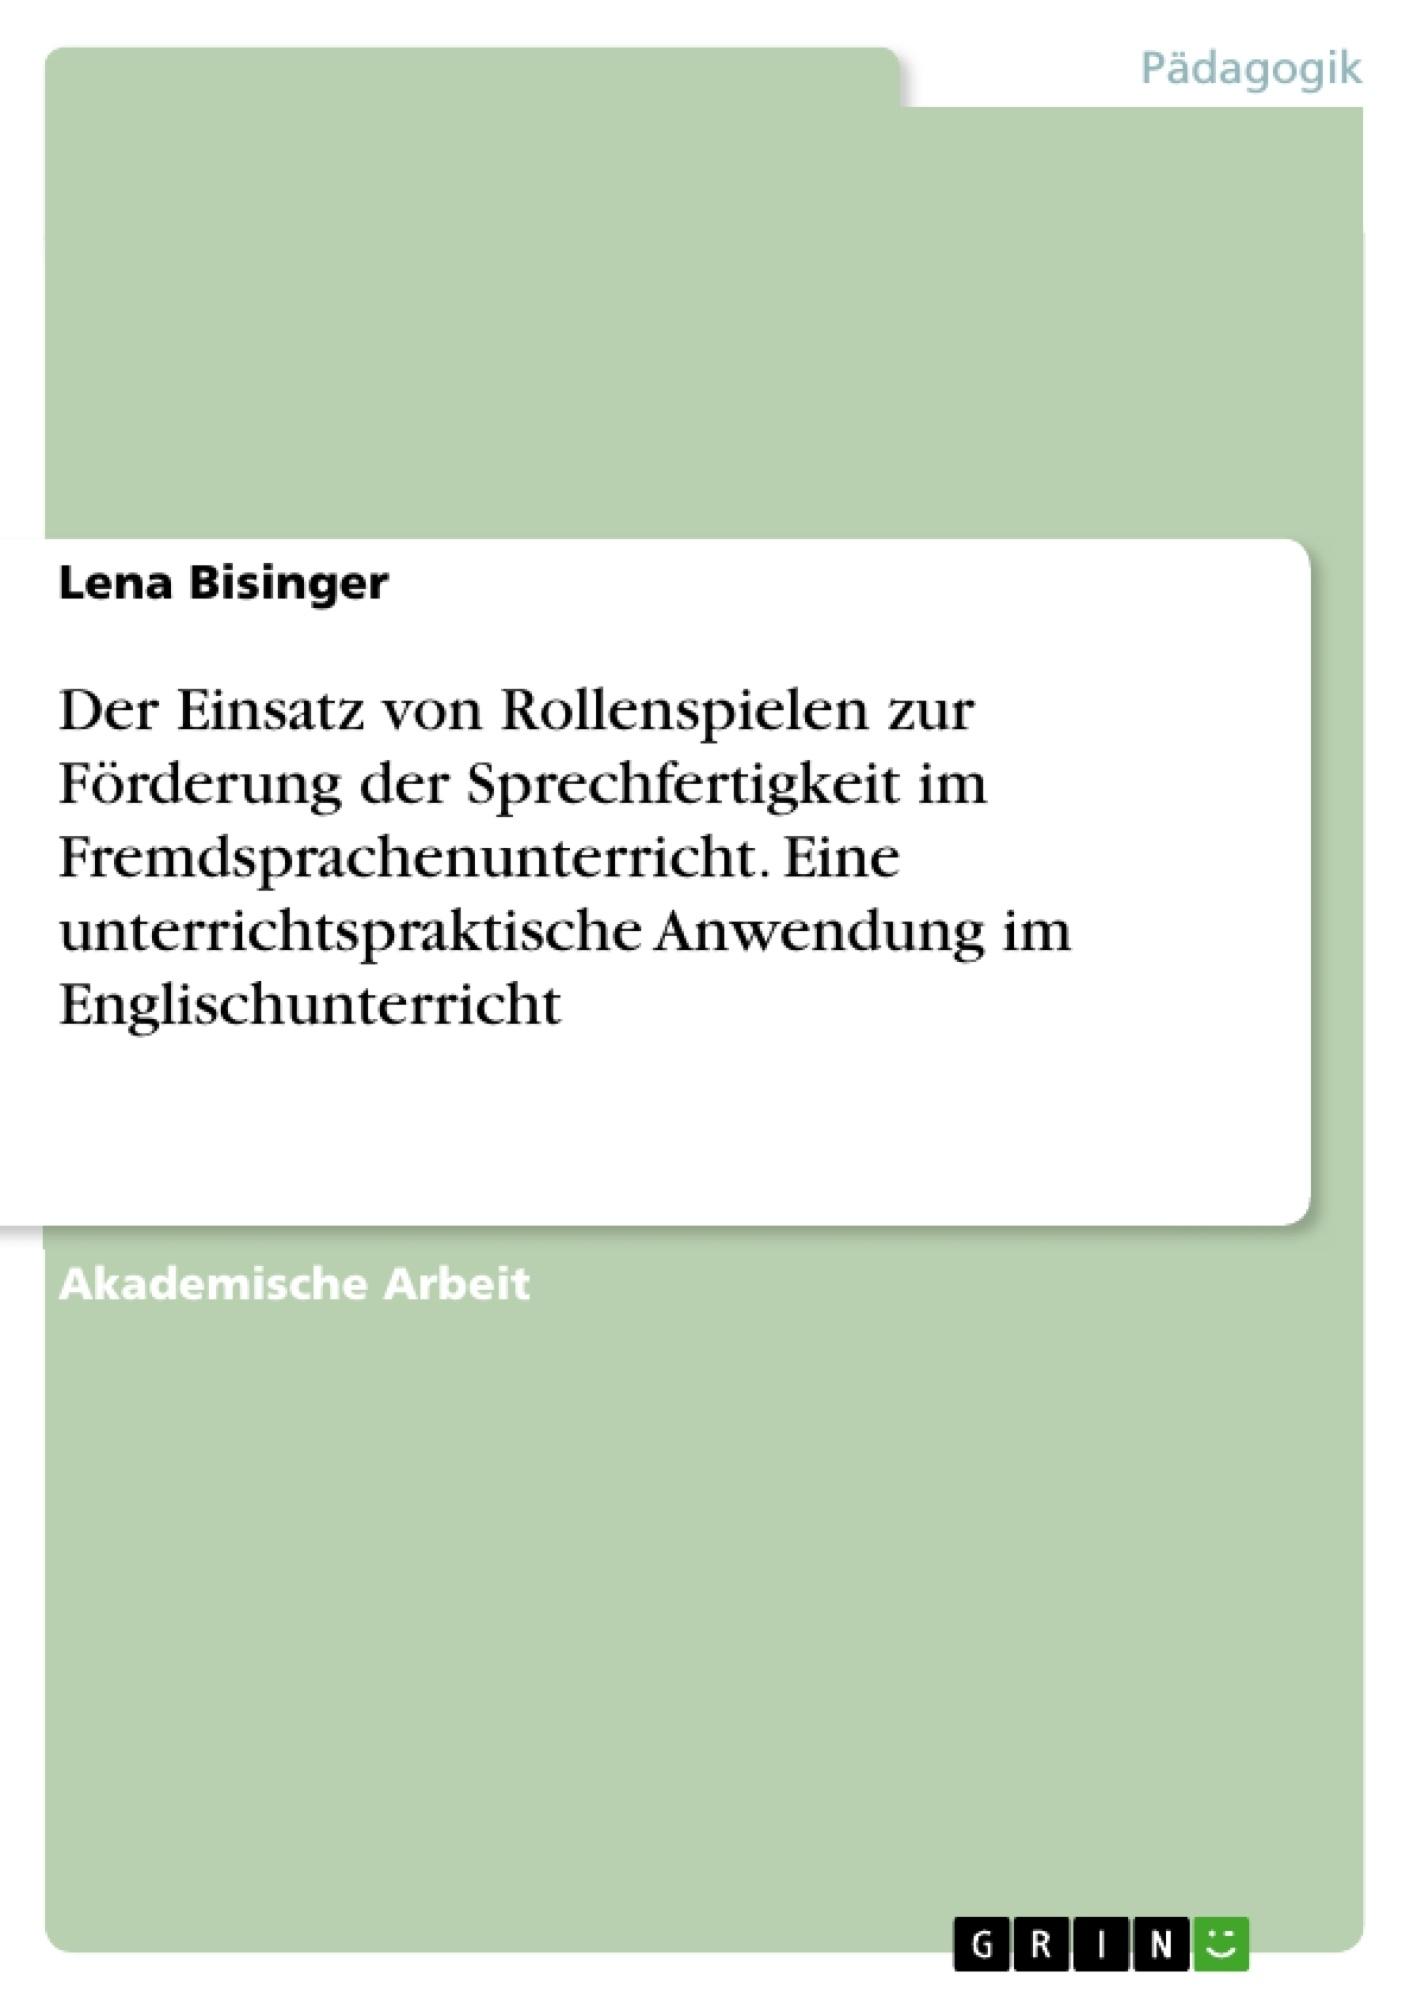 Titel: Der Einsatz von Rollenspielen zur Förderung der Sprechfertigkeit im Fremdsprachenunterricht. Eine unterrichtspraktische Anwendung im Englischunterricht